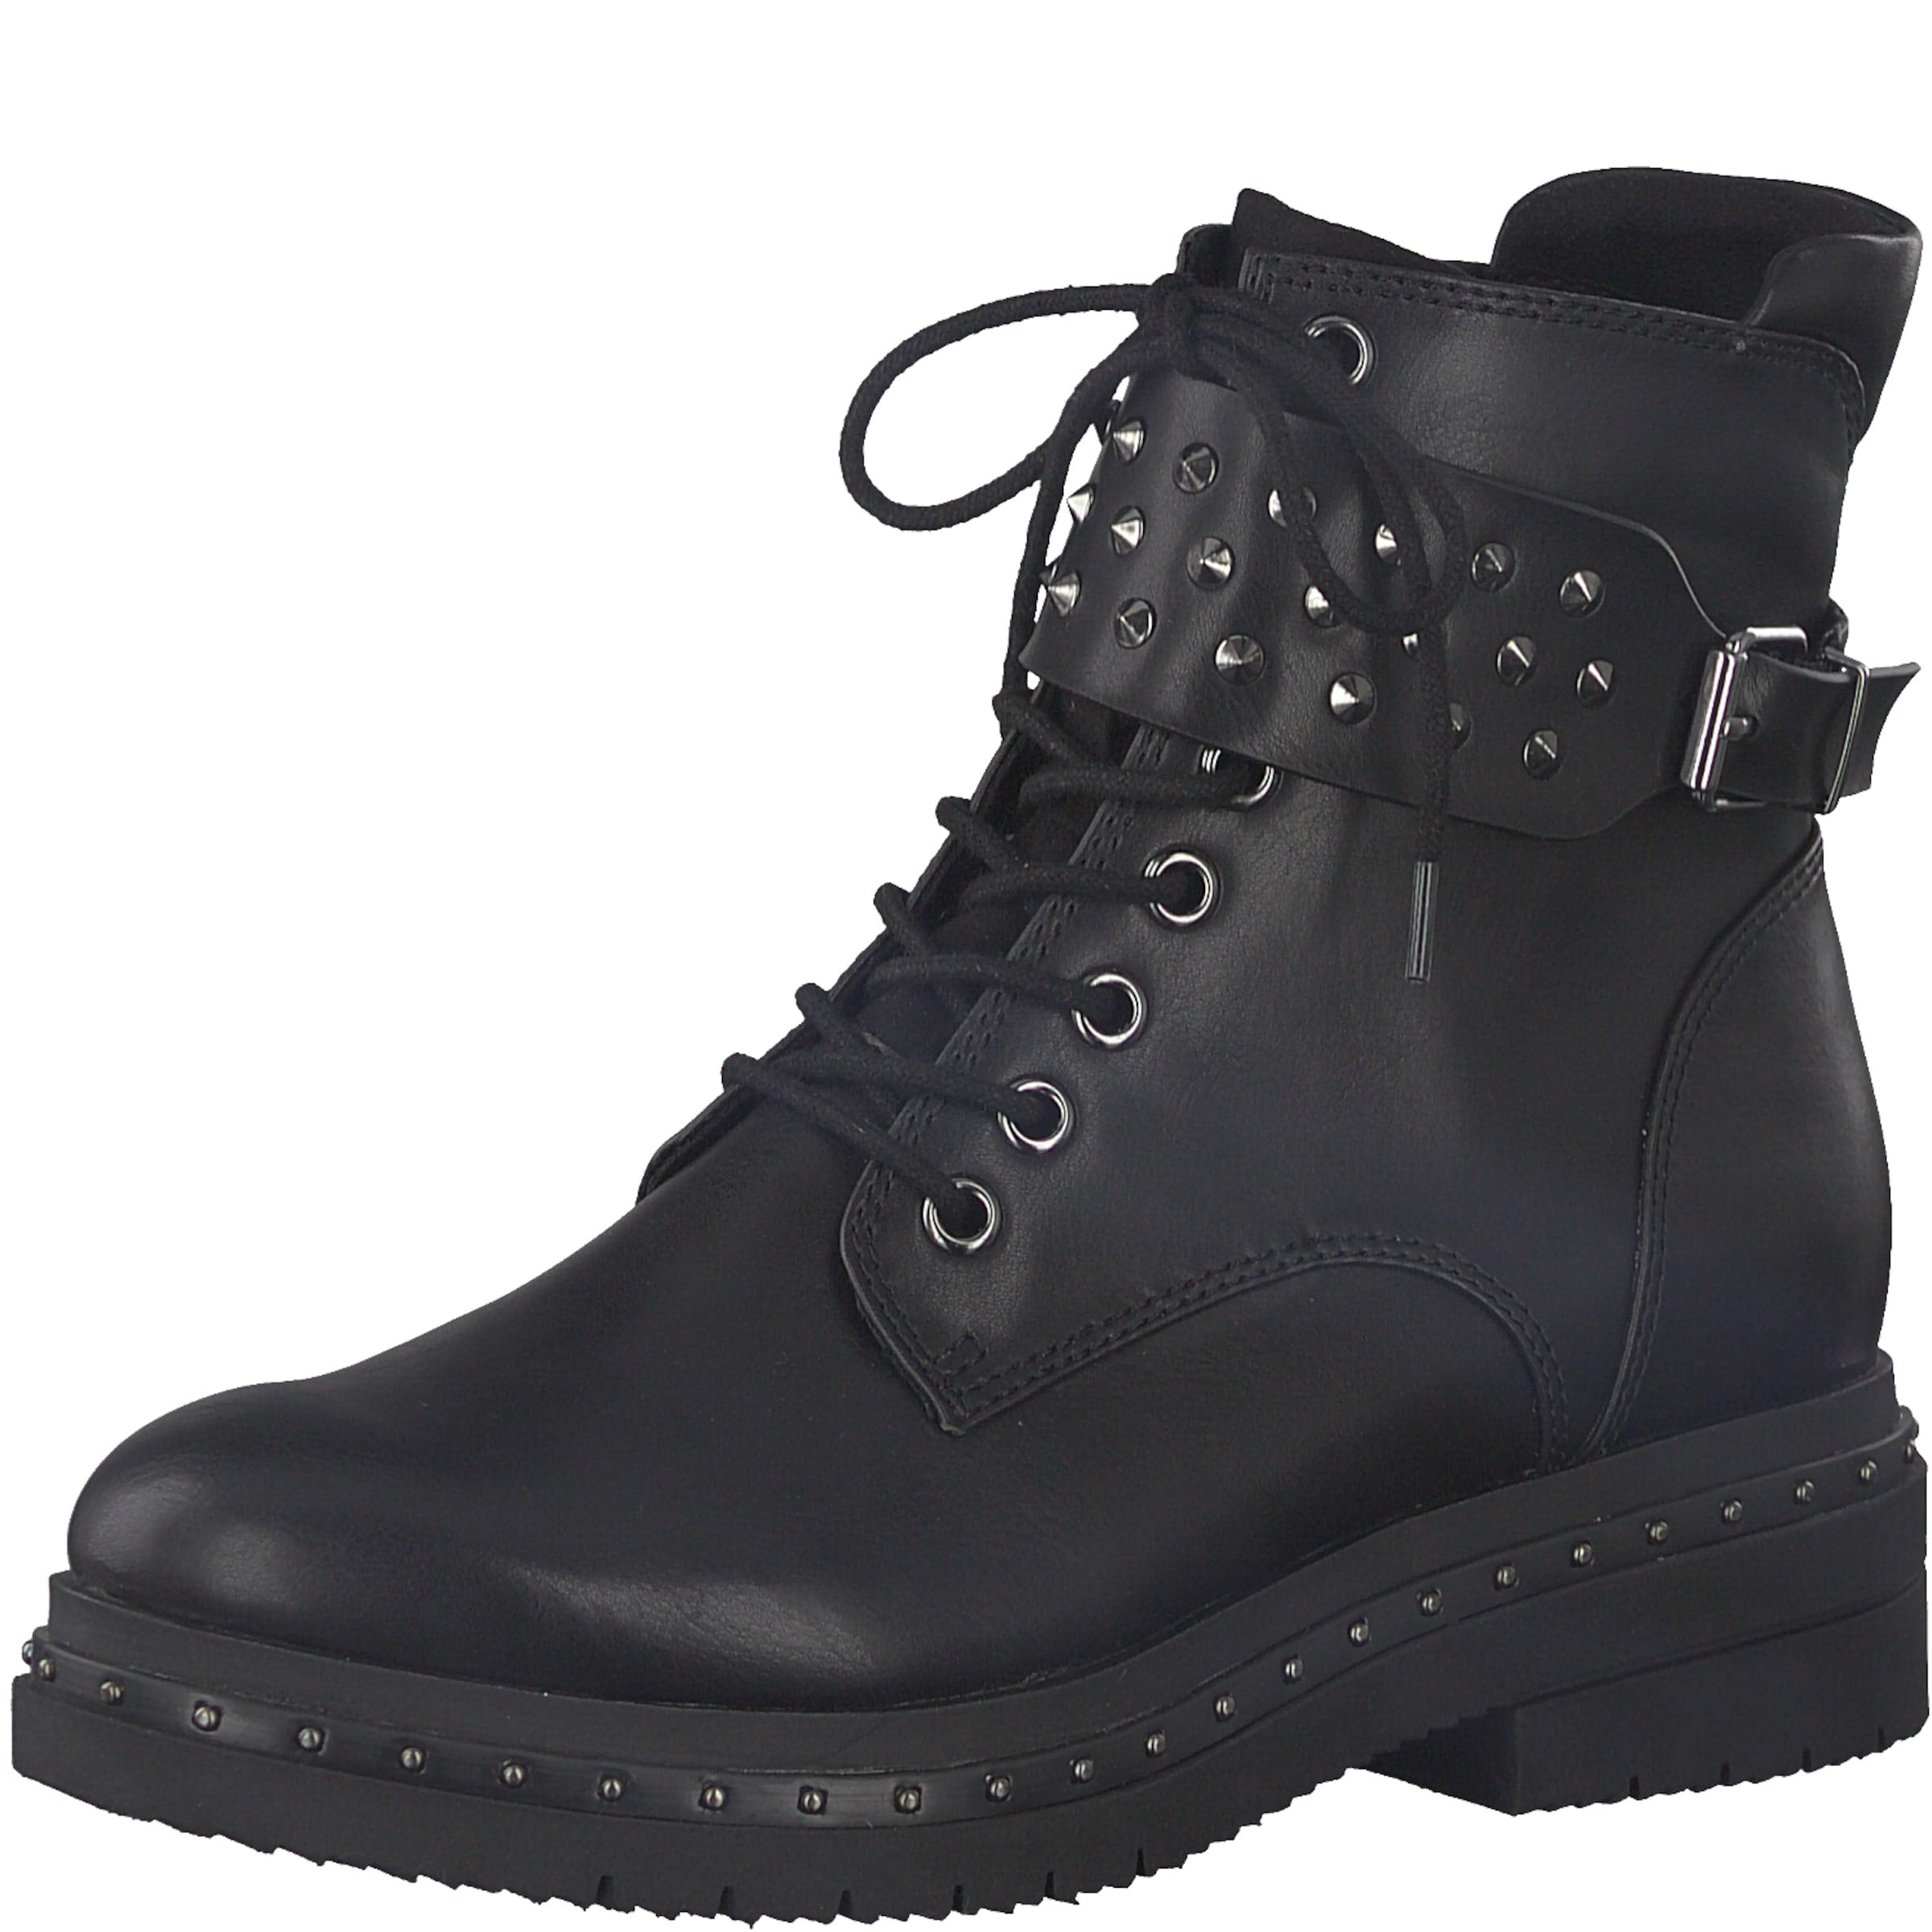 TAMARIS Boots Günstige und langlebige Schuhe